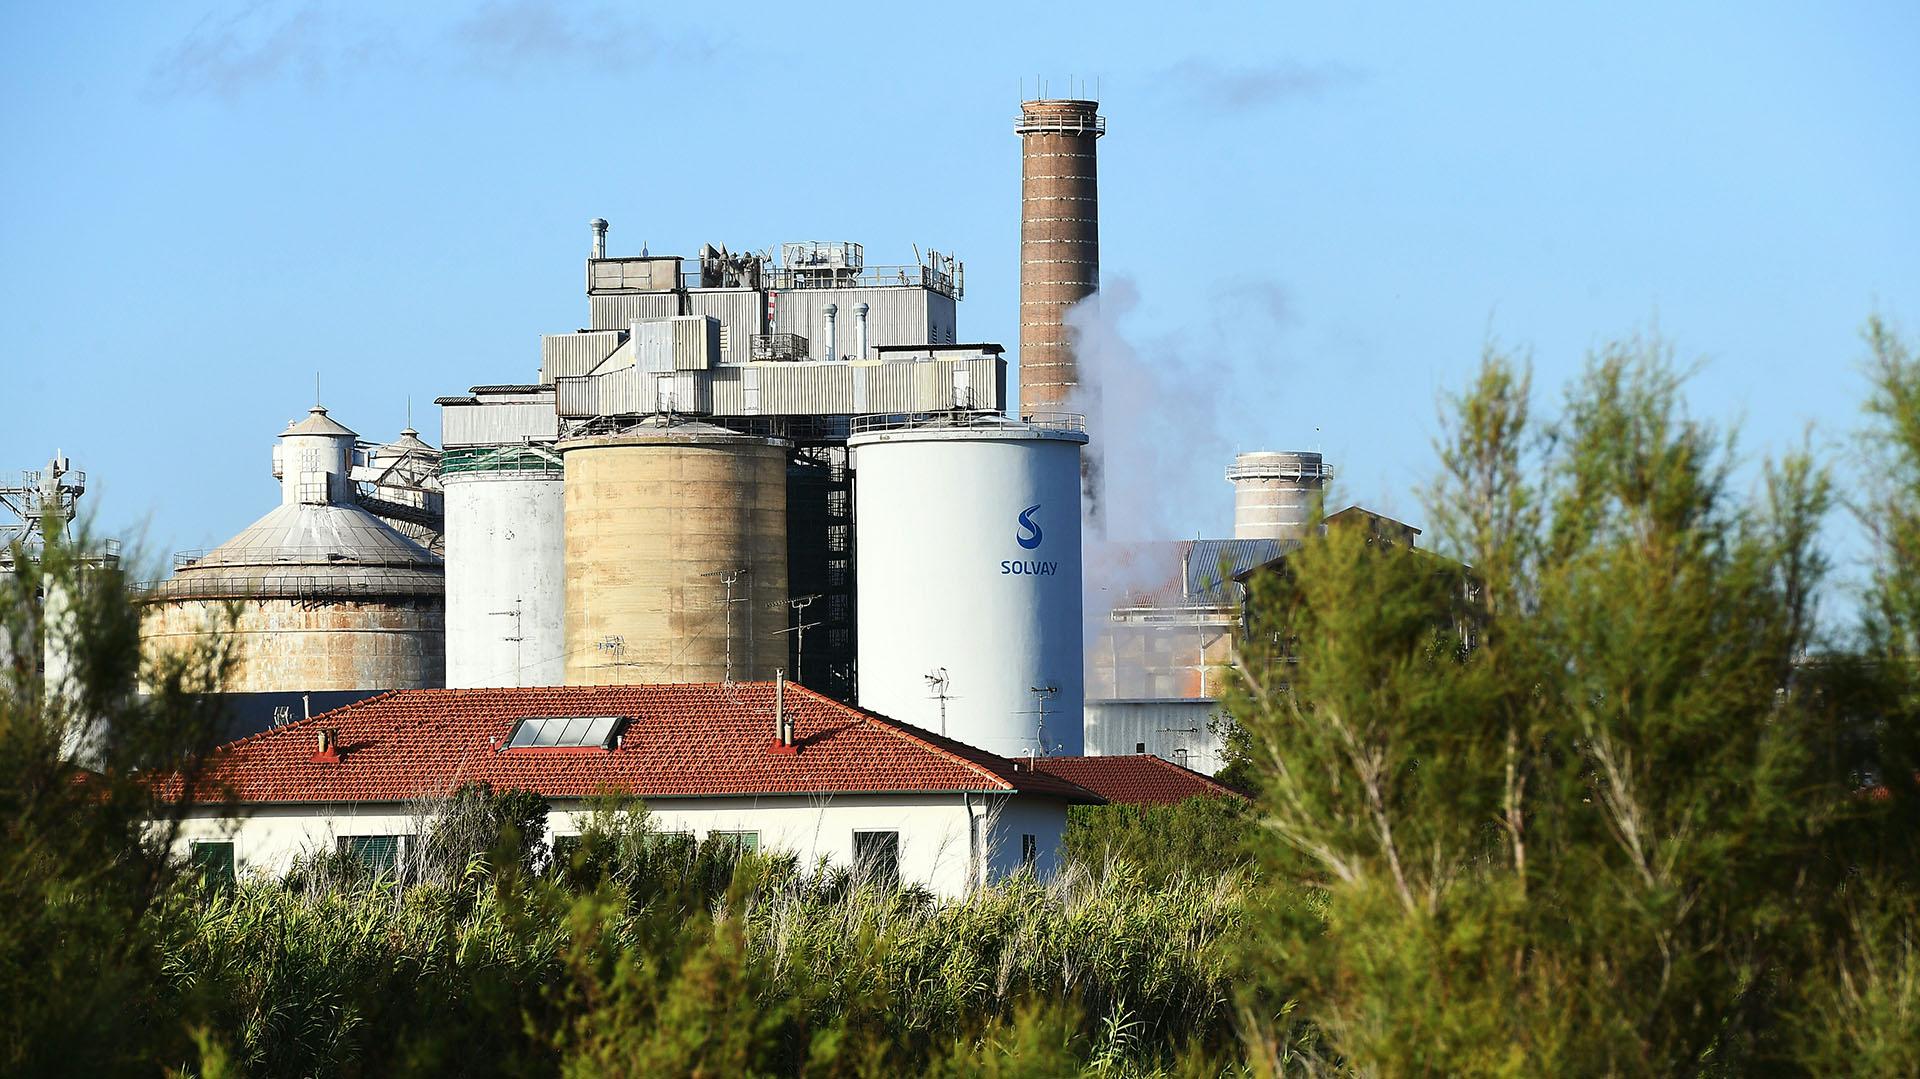 Otra vista general muestra la planta química de Solvay en Rosignano Solvay. (Foto de Vincenzo PINTO / AFP)